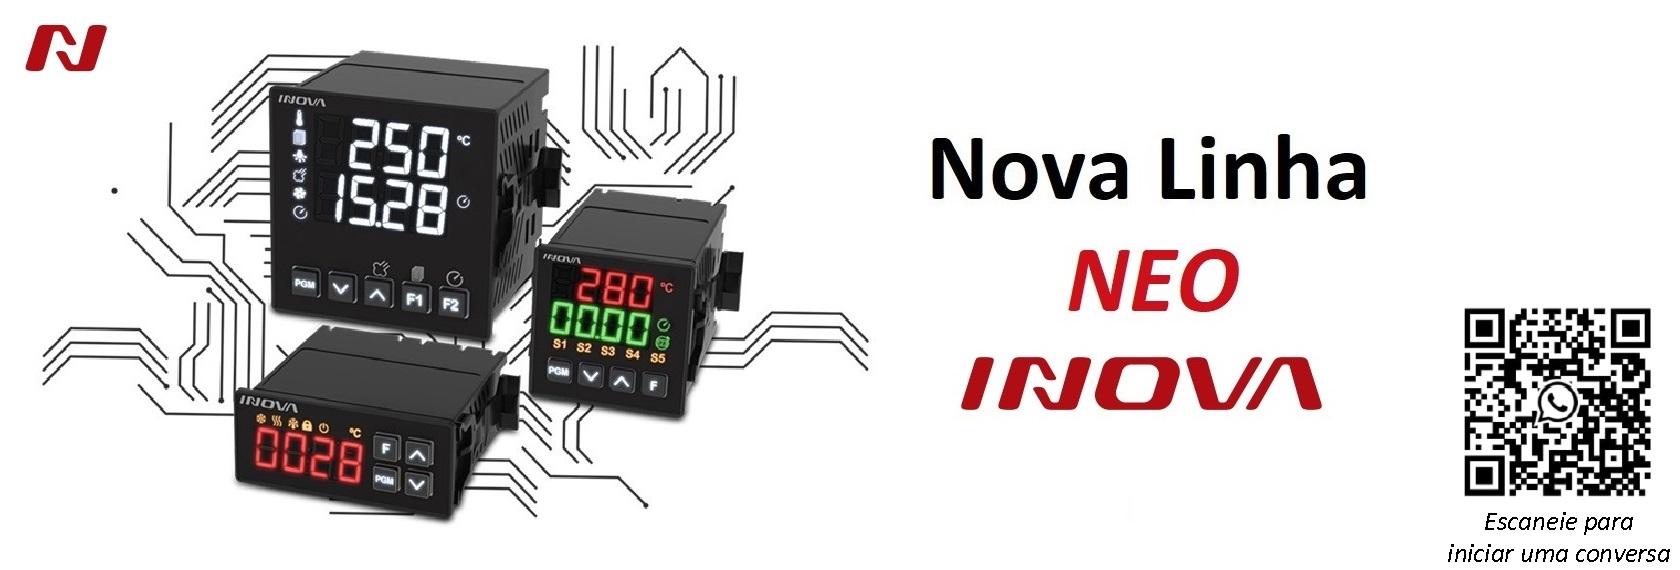 controlador, controlador inova, controlador forno, controlador progas, controlador tedesco, INV-KC1, INV-KC1-01-N1-H-R20, INV-YB1, INV-YB1-06, INV-YB1-06-J-H, INV-YB1-11, INV-YB1-11-J-H, INV-YB1-11-J-H-F, INV-TB1-01, controlador, controlador inova, controlador forno, controlador progas, controlador tedesco, INV-20011, INV-20201, INV-20301, INV-20401, INV-40003, INV-20001, INV-20002, INV-20004, INV-20010, INV-20015, INV-20018